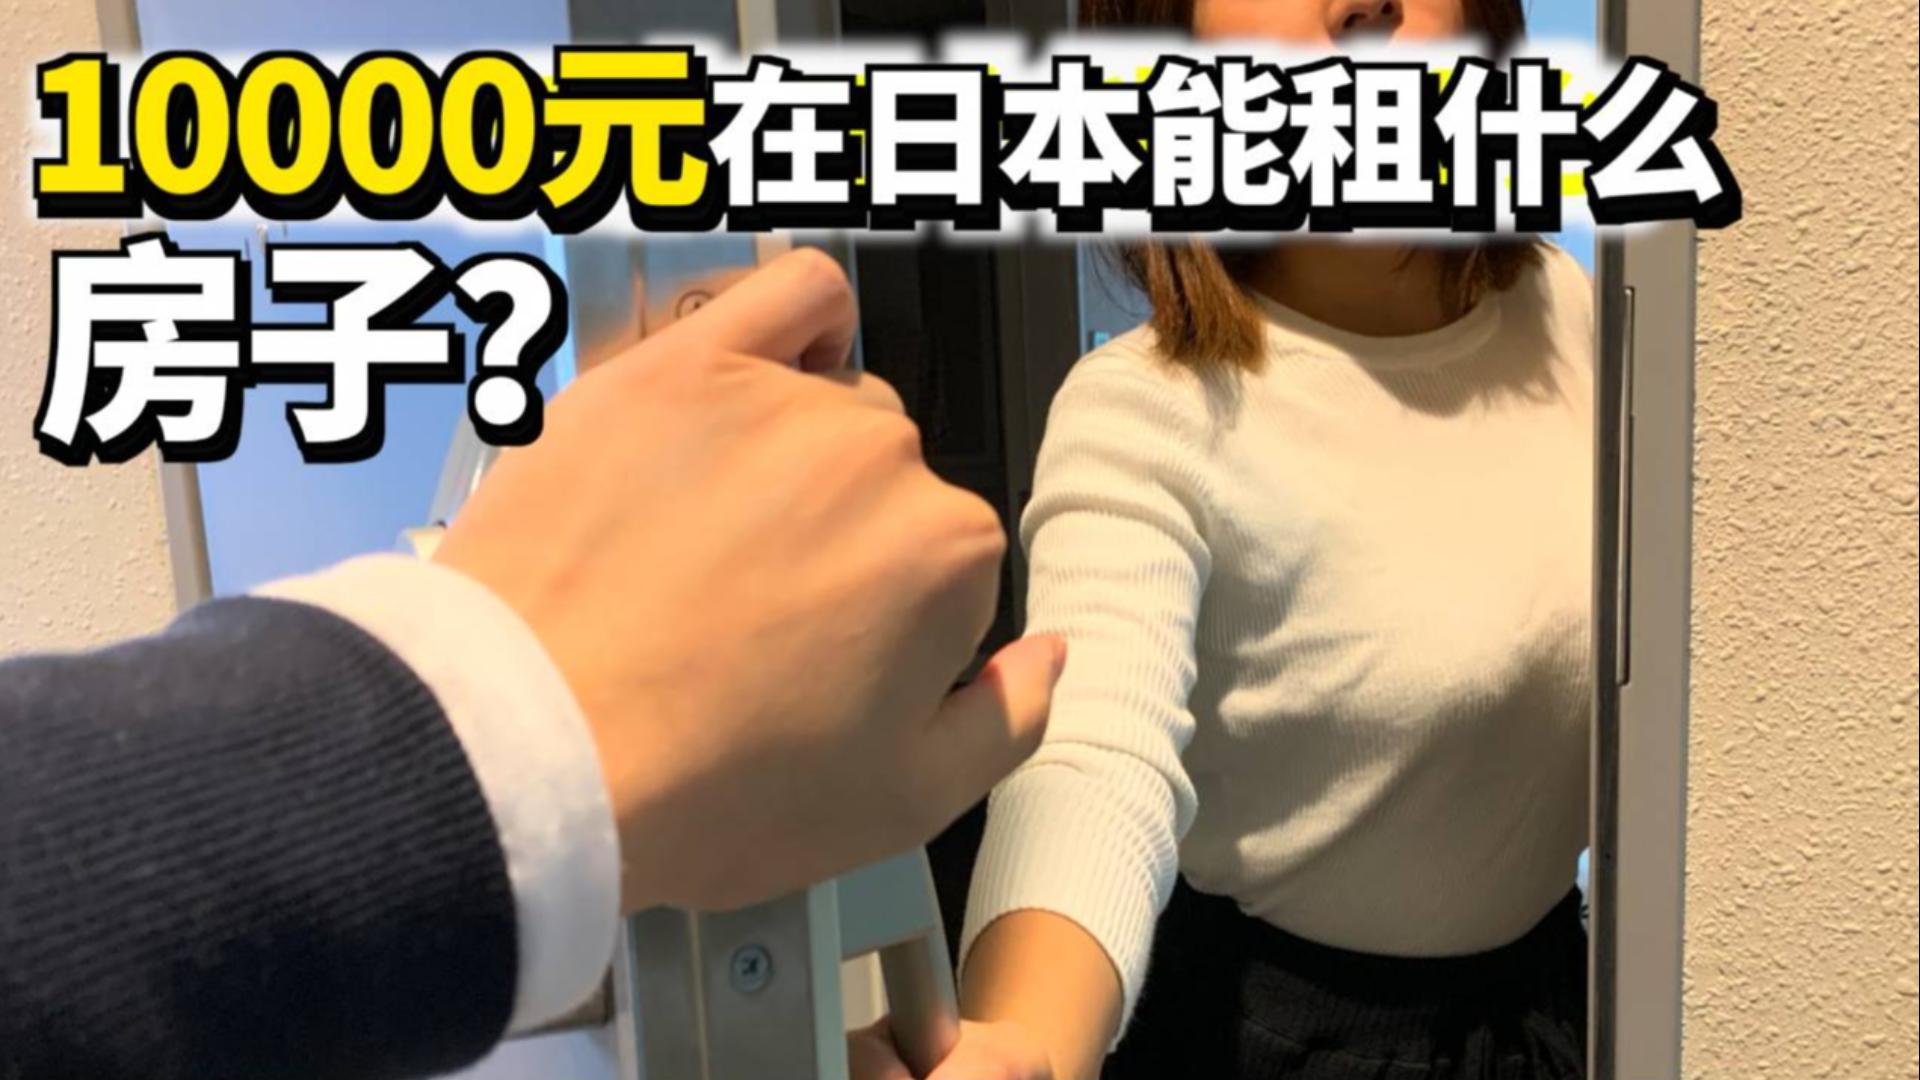 提前偷偷去日本女友家,结果她却在...!!!!